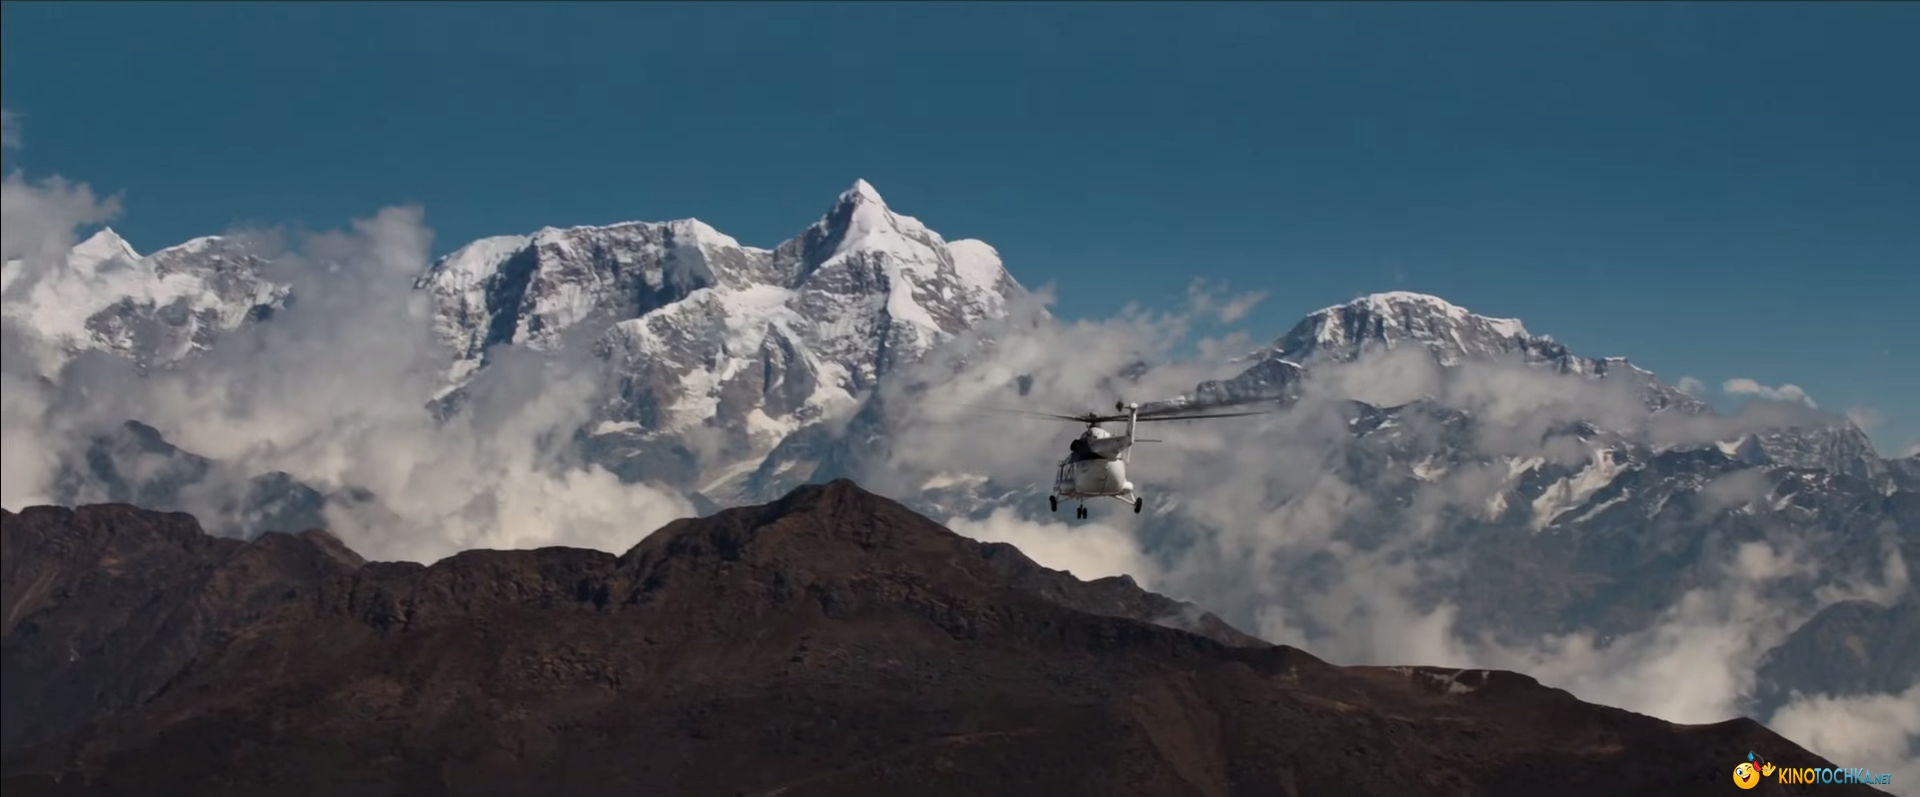 Эверест 2015 смотреть онлайн бесплатно